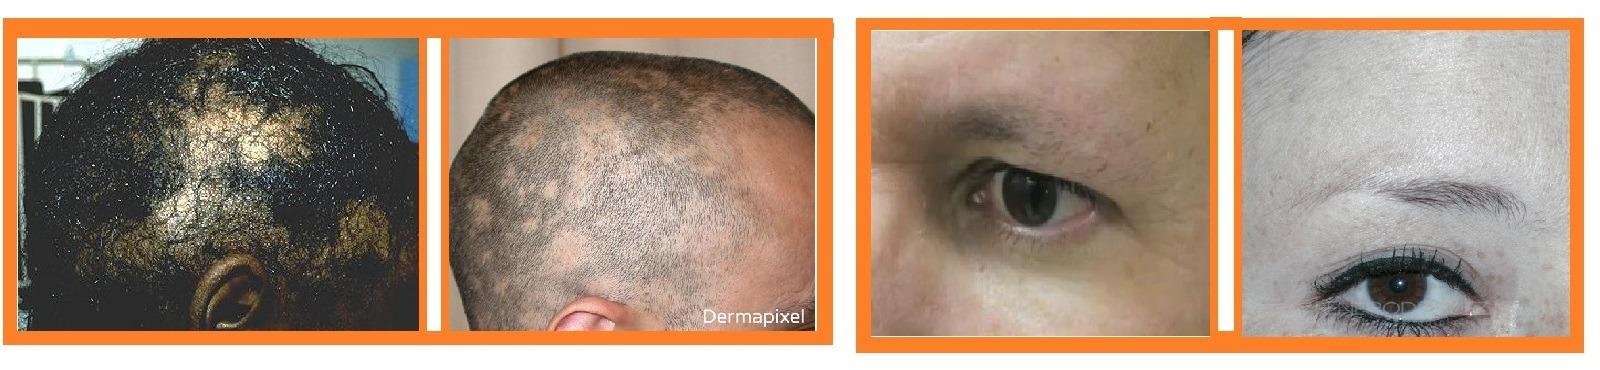 Sífilis Sintomas - Alopecia sifilítica - Fase secundária